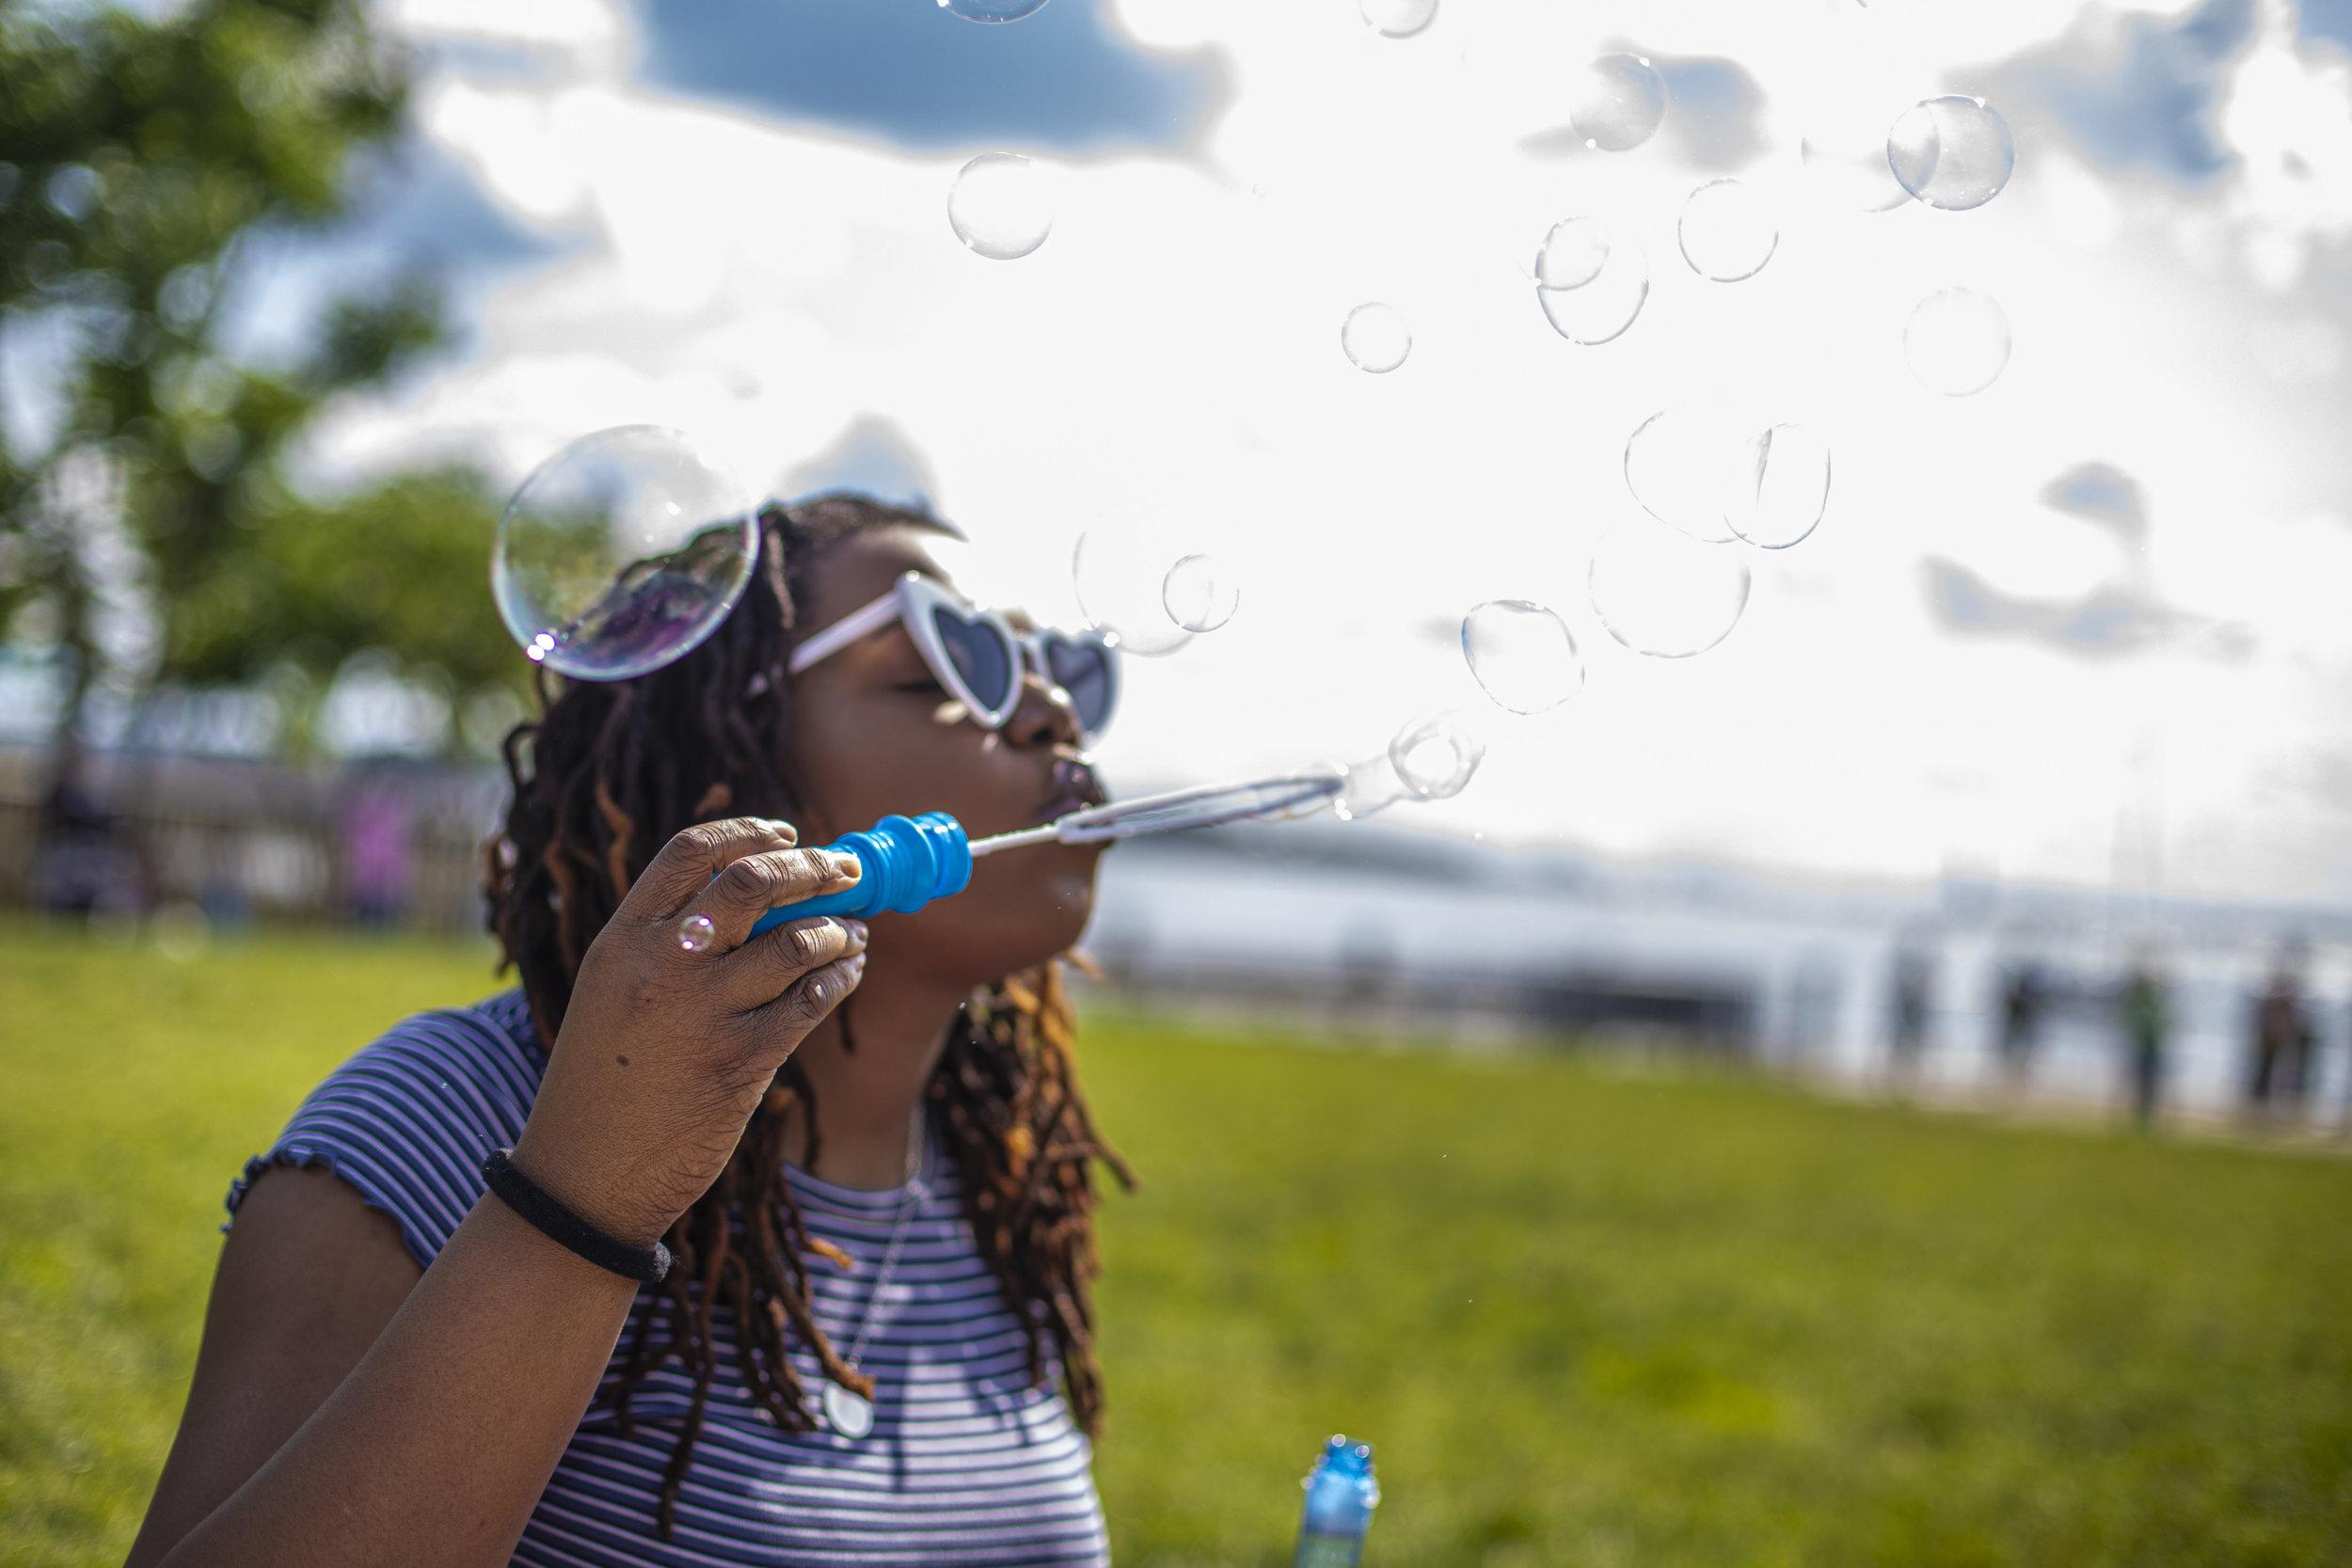 20190622_snp_bubbles078.jpg